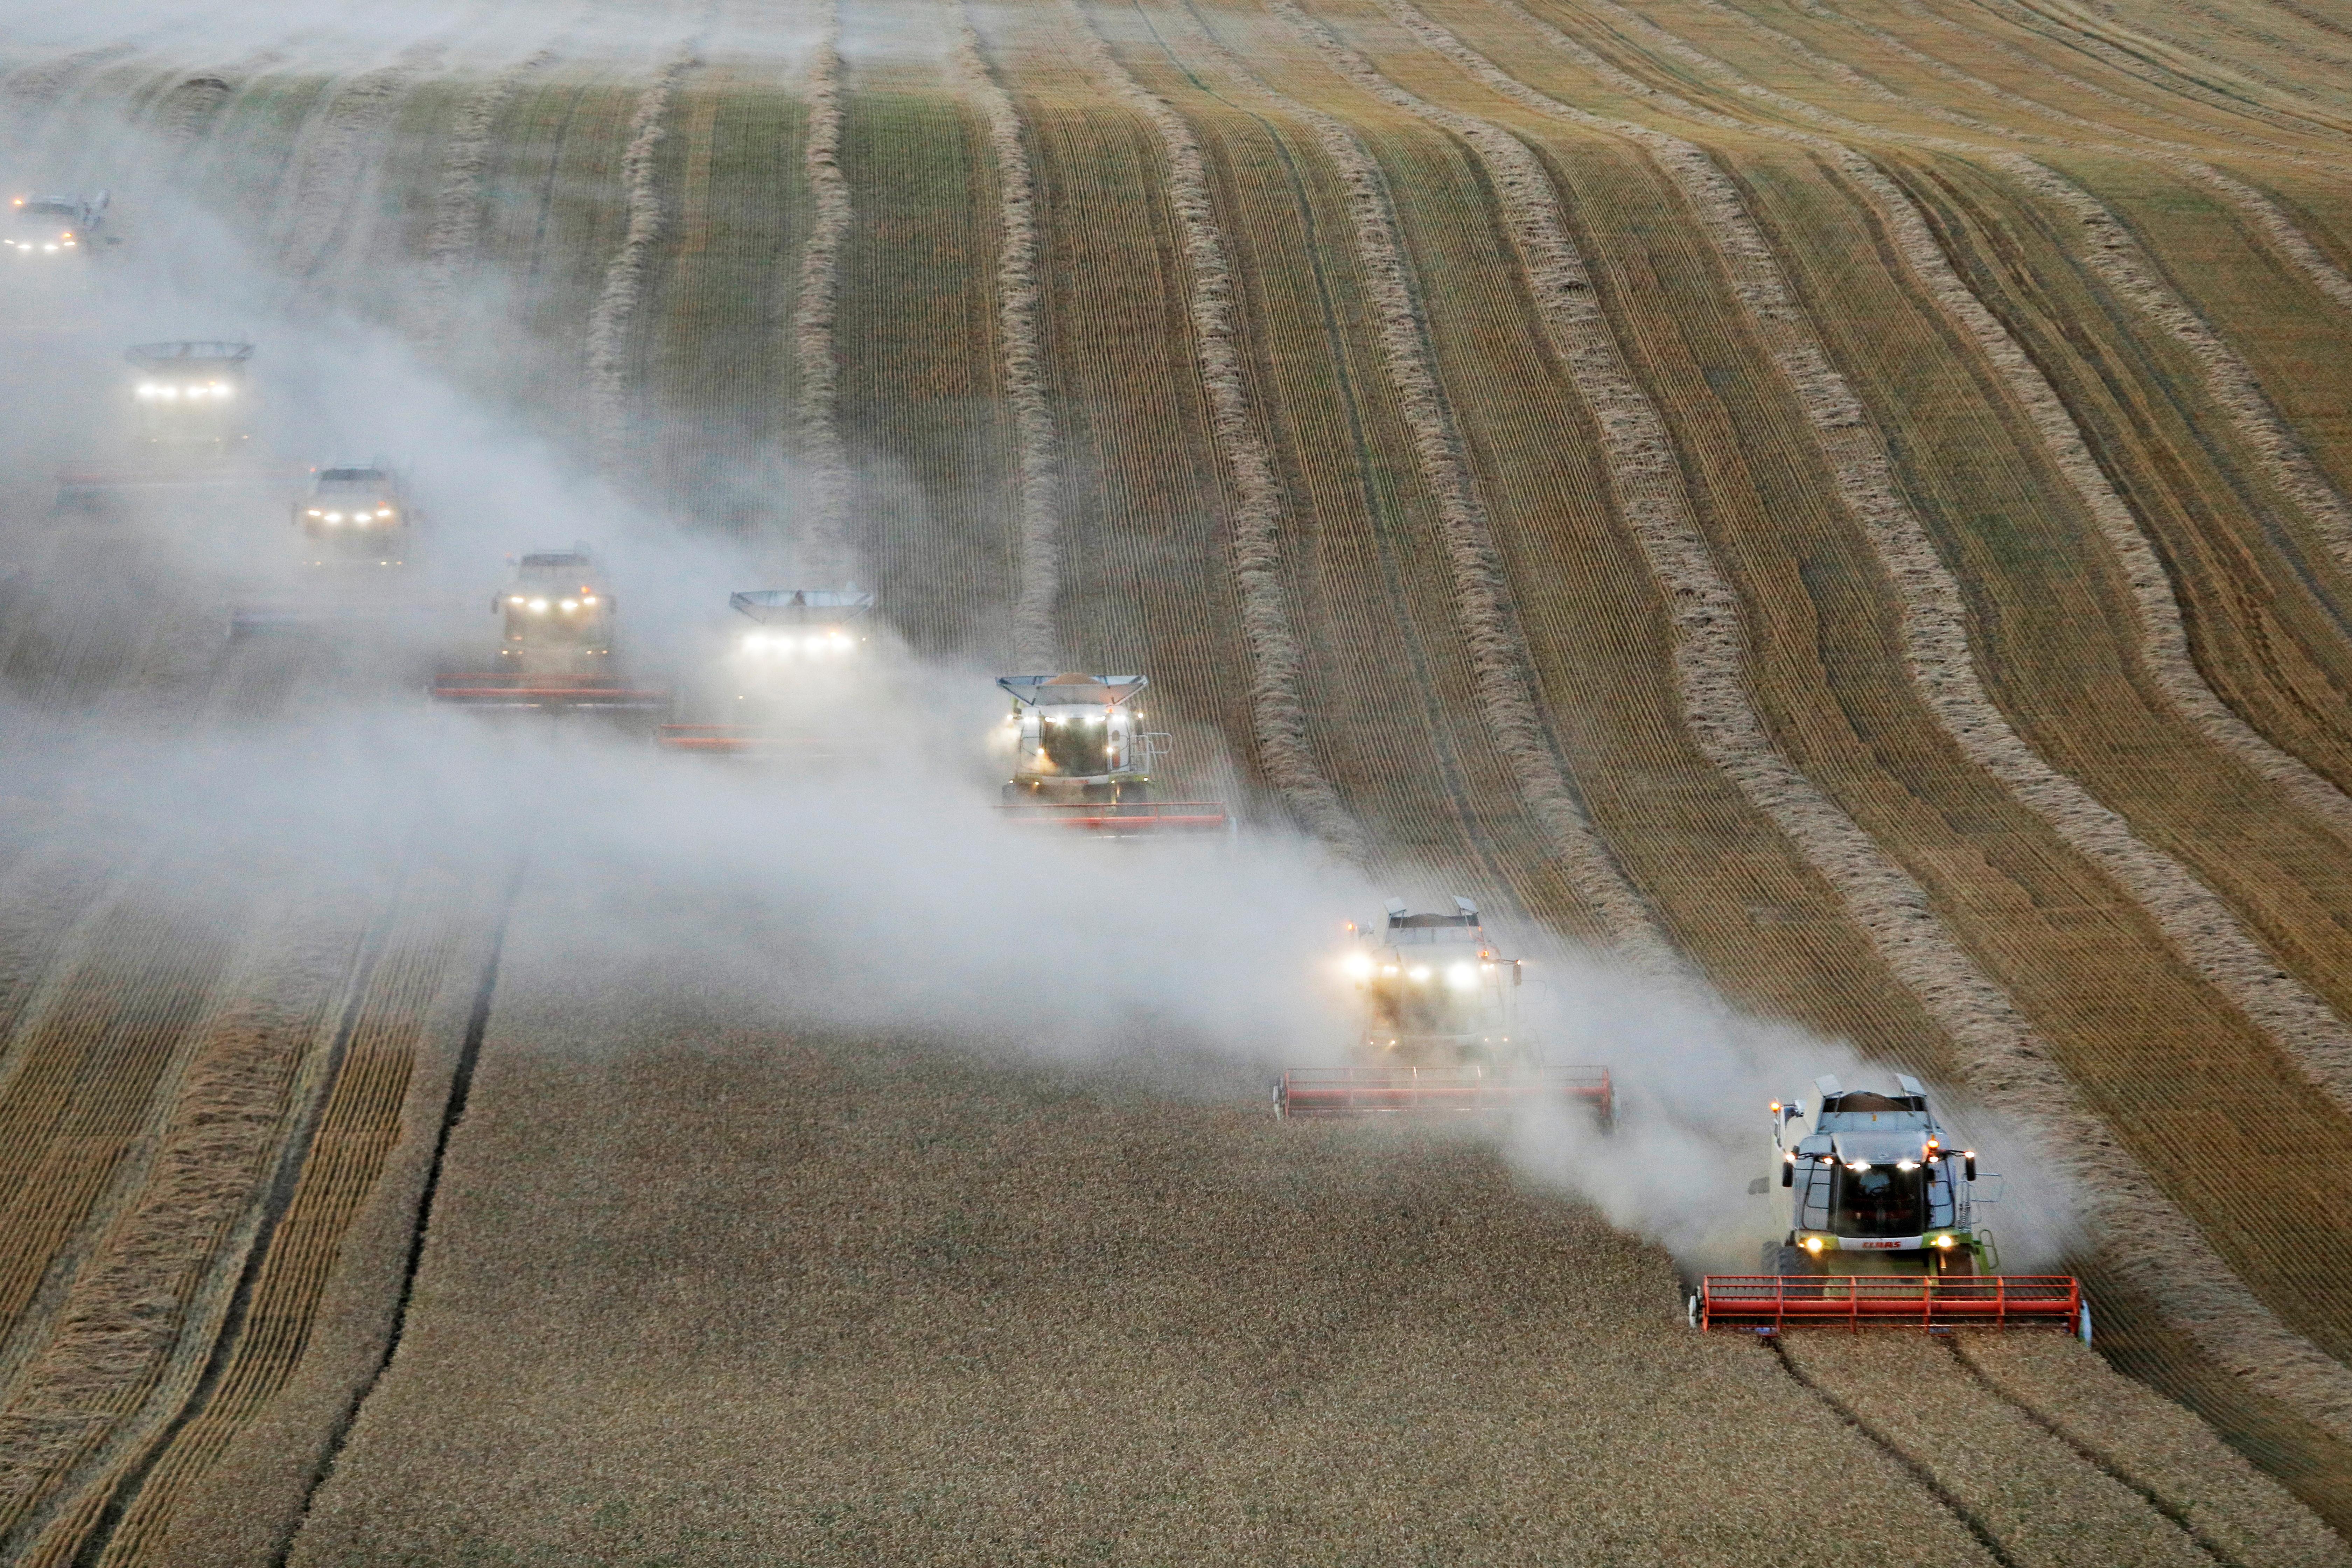 Combines harvest wheat in a field near the village of Suvorovskaya in Stavropol Region, Russia July 17, 2021. REUTERS/Eduard Korniyenko